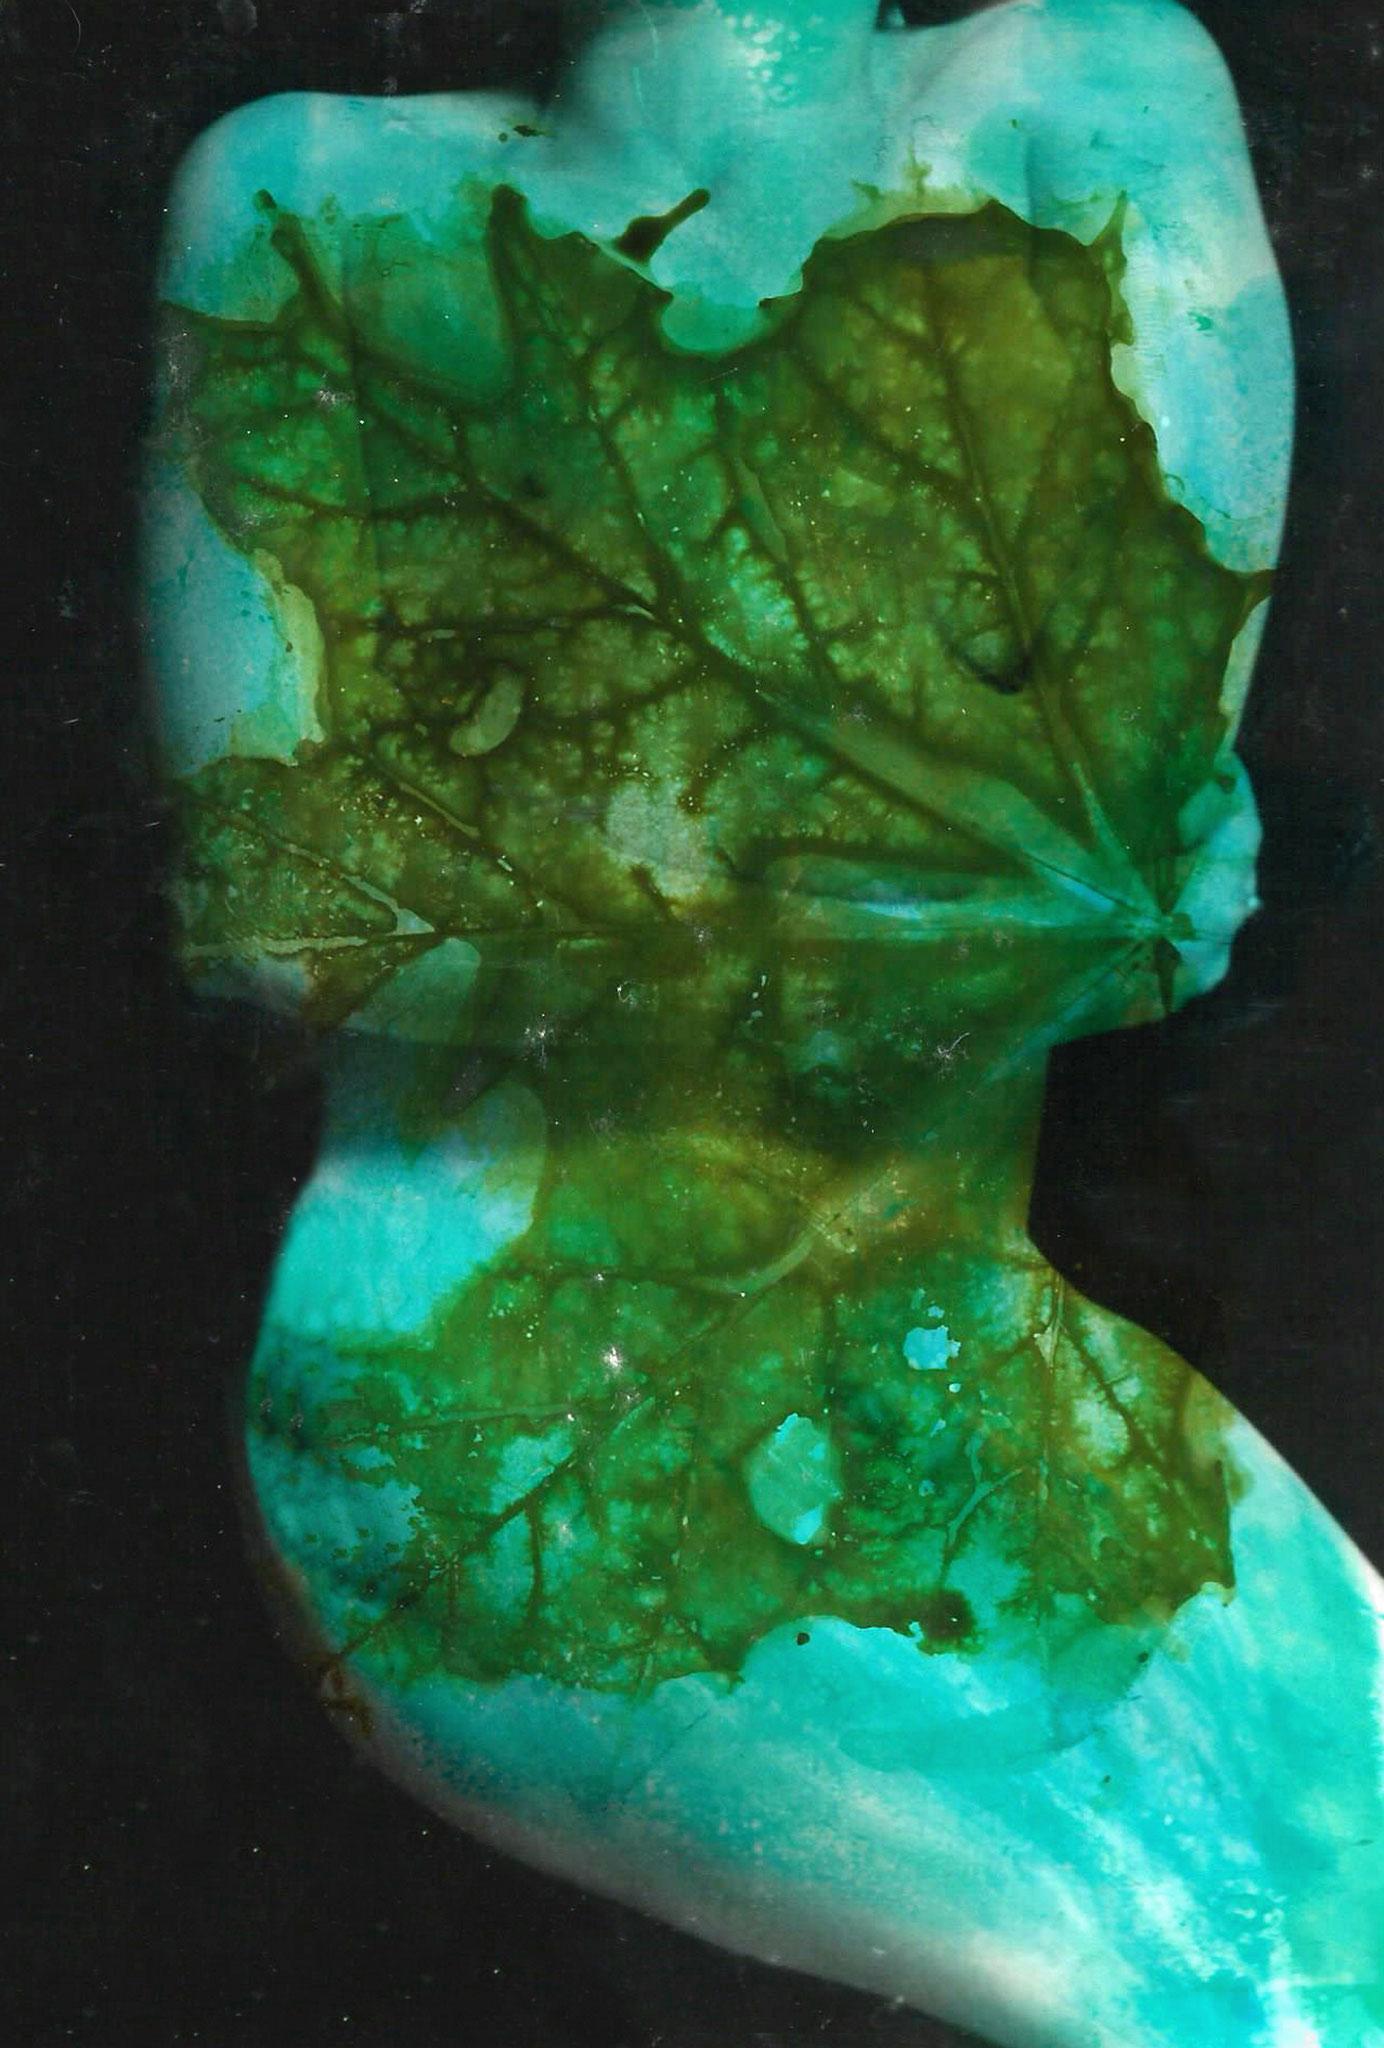 HUMAN NATURE Zero 2, Fotocollage aus der Werkreihe HUMAN NATURE, digitaler Fotoprint Epson Enhanced Matte montiert auf Canvas, 2019, hxb 100 x 70 cm